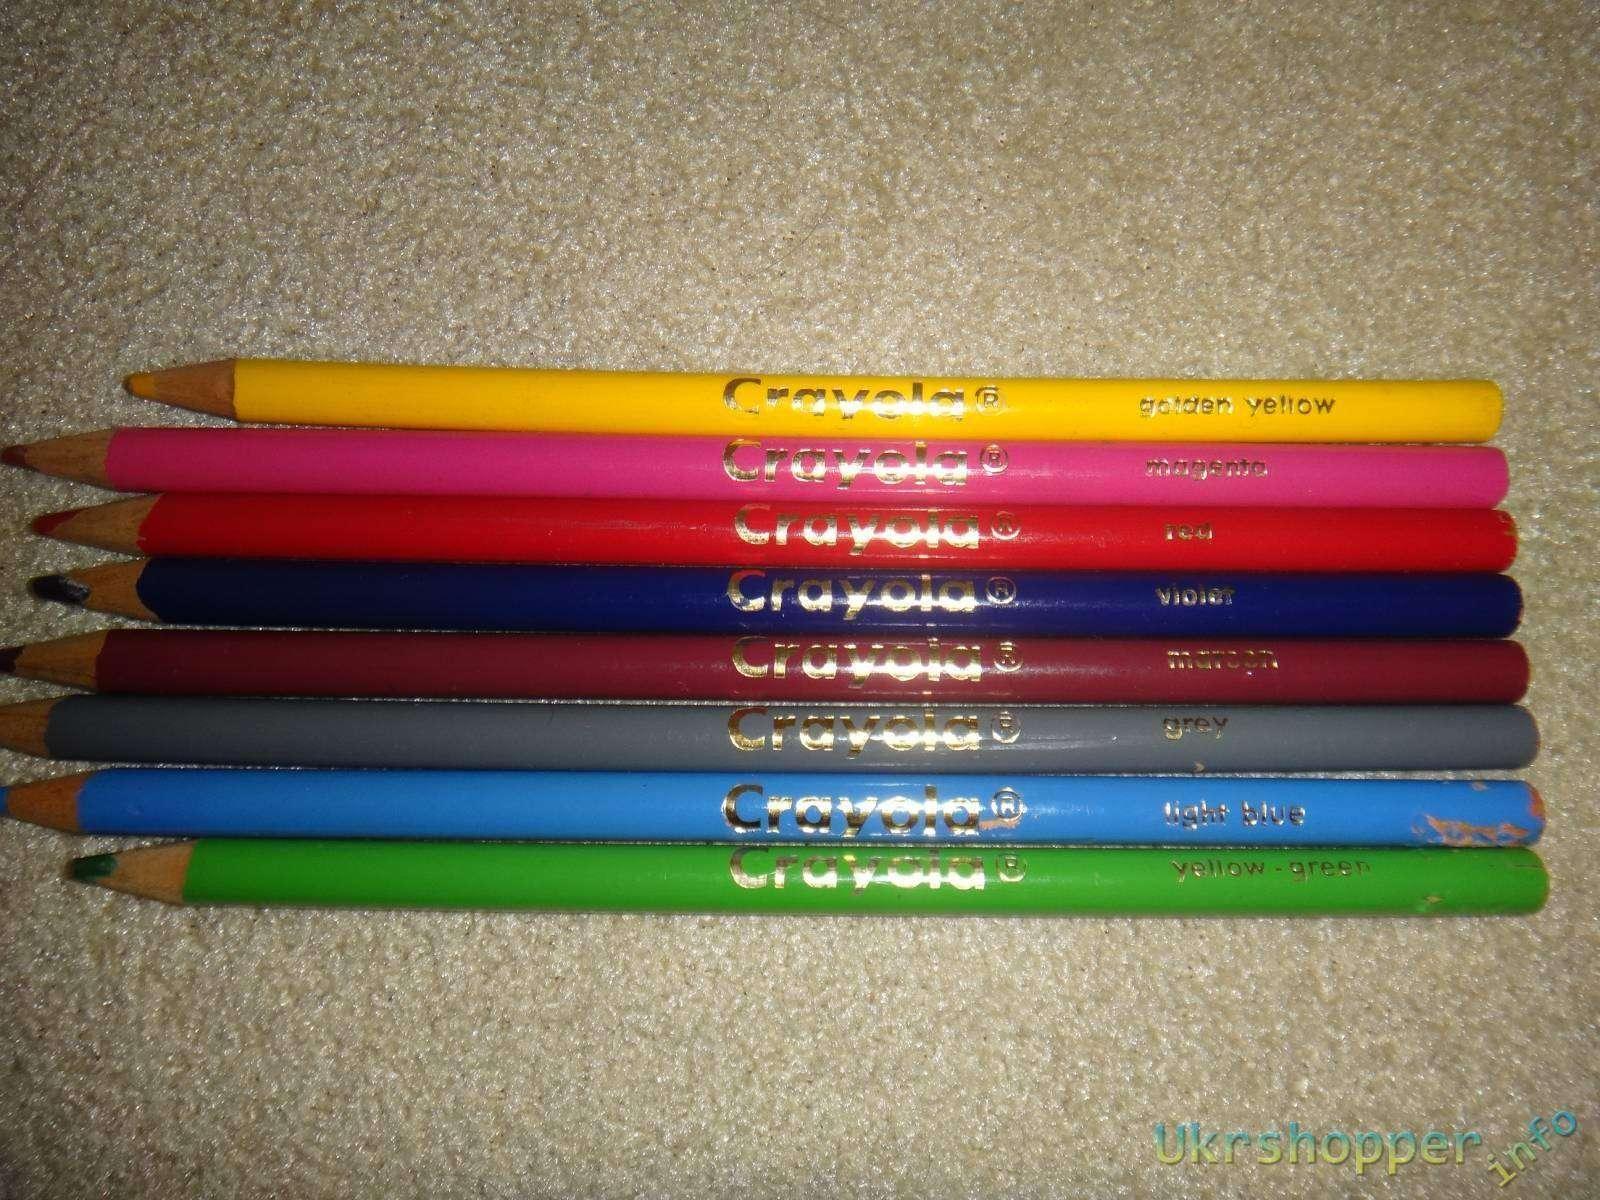 Amazon: Обзор-отзыв о знаменитых карандашах фирмы Crayola